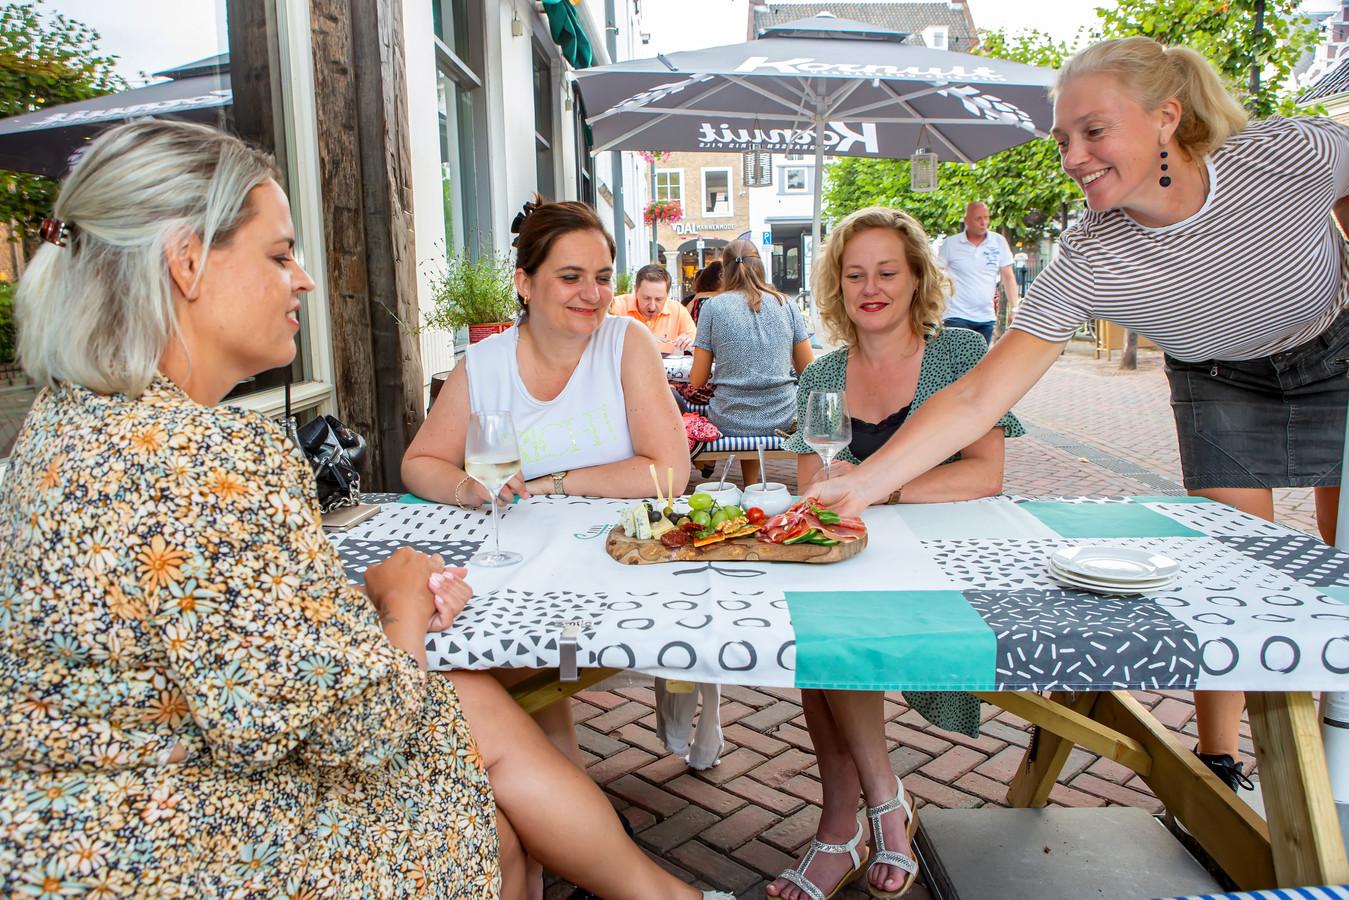 Nicolette Dusseldorp serveert de borrelplank aan Femke, Yvette en Marjolein.